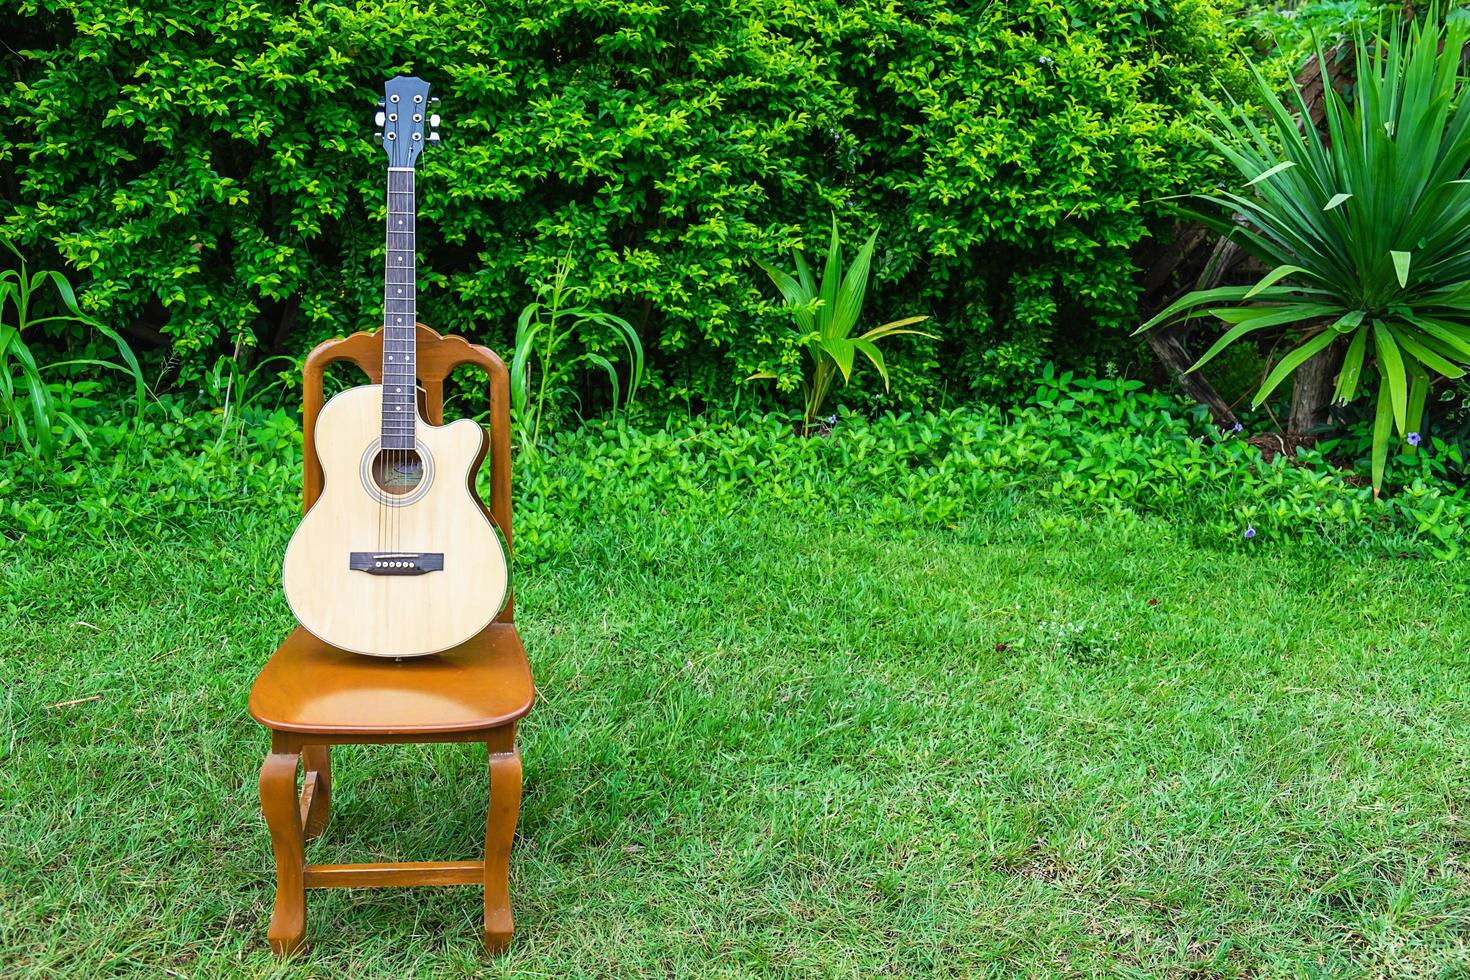 akoestische gitaar op een houten stoel in een tuin met struiken foto